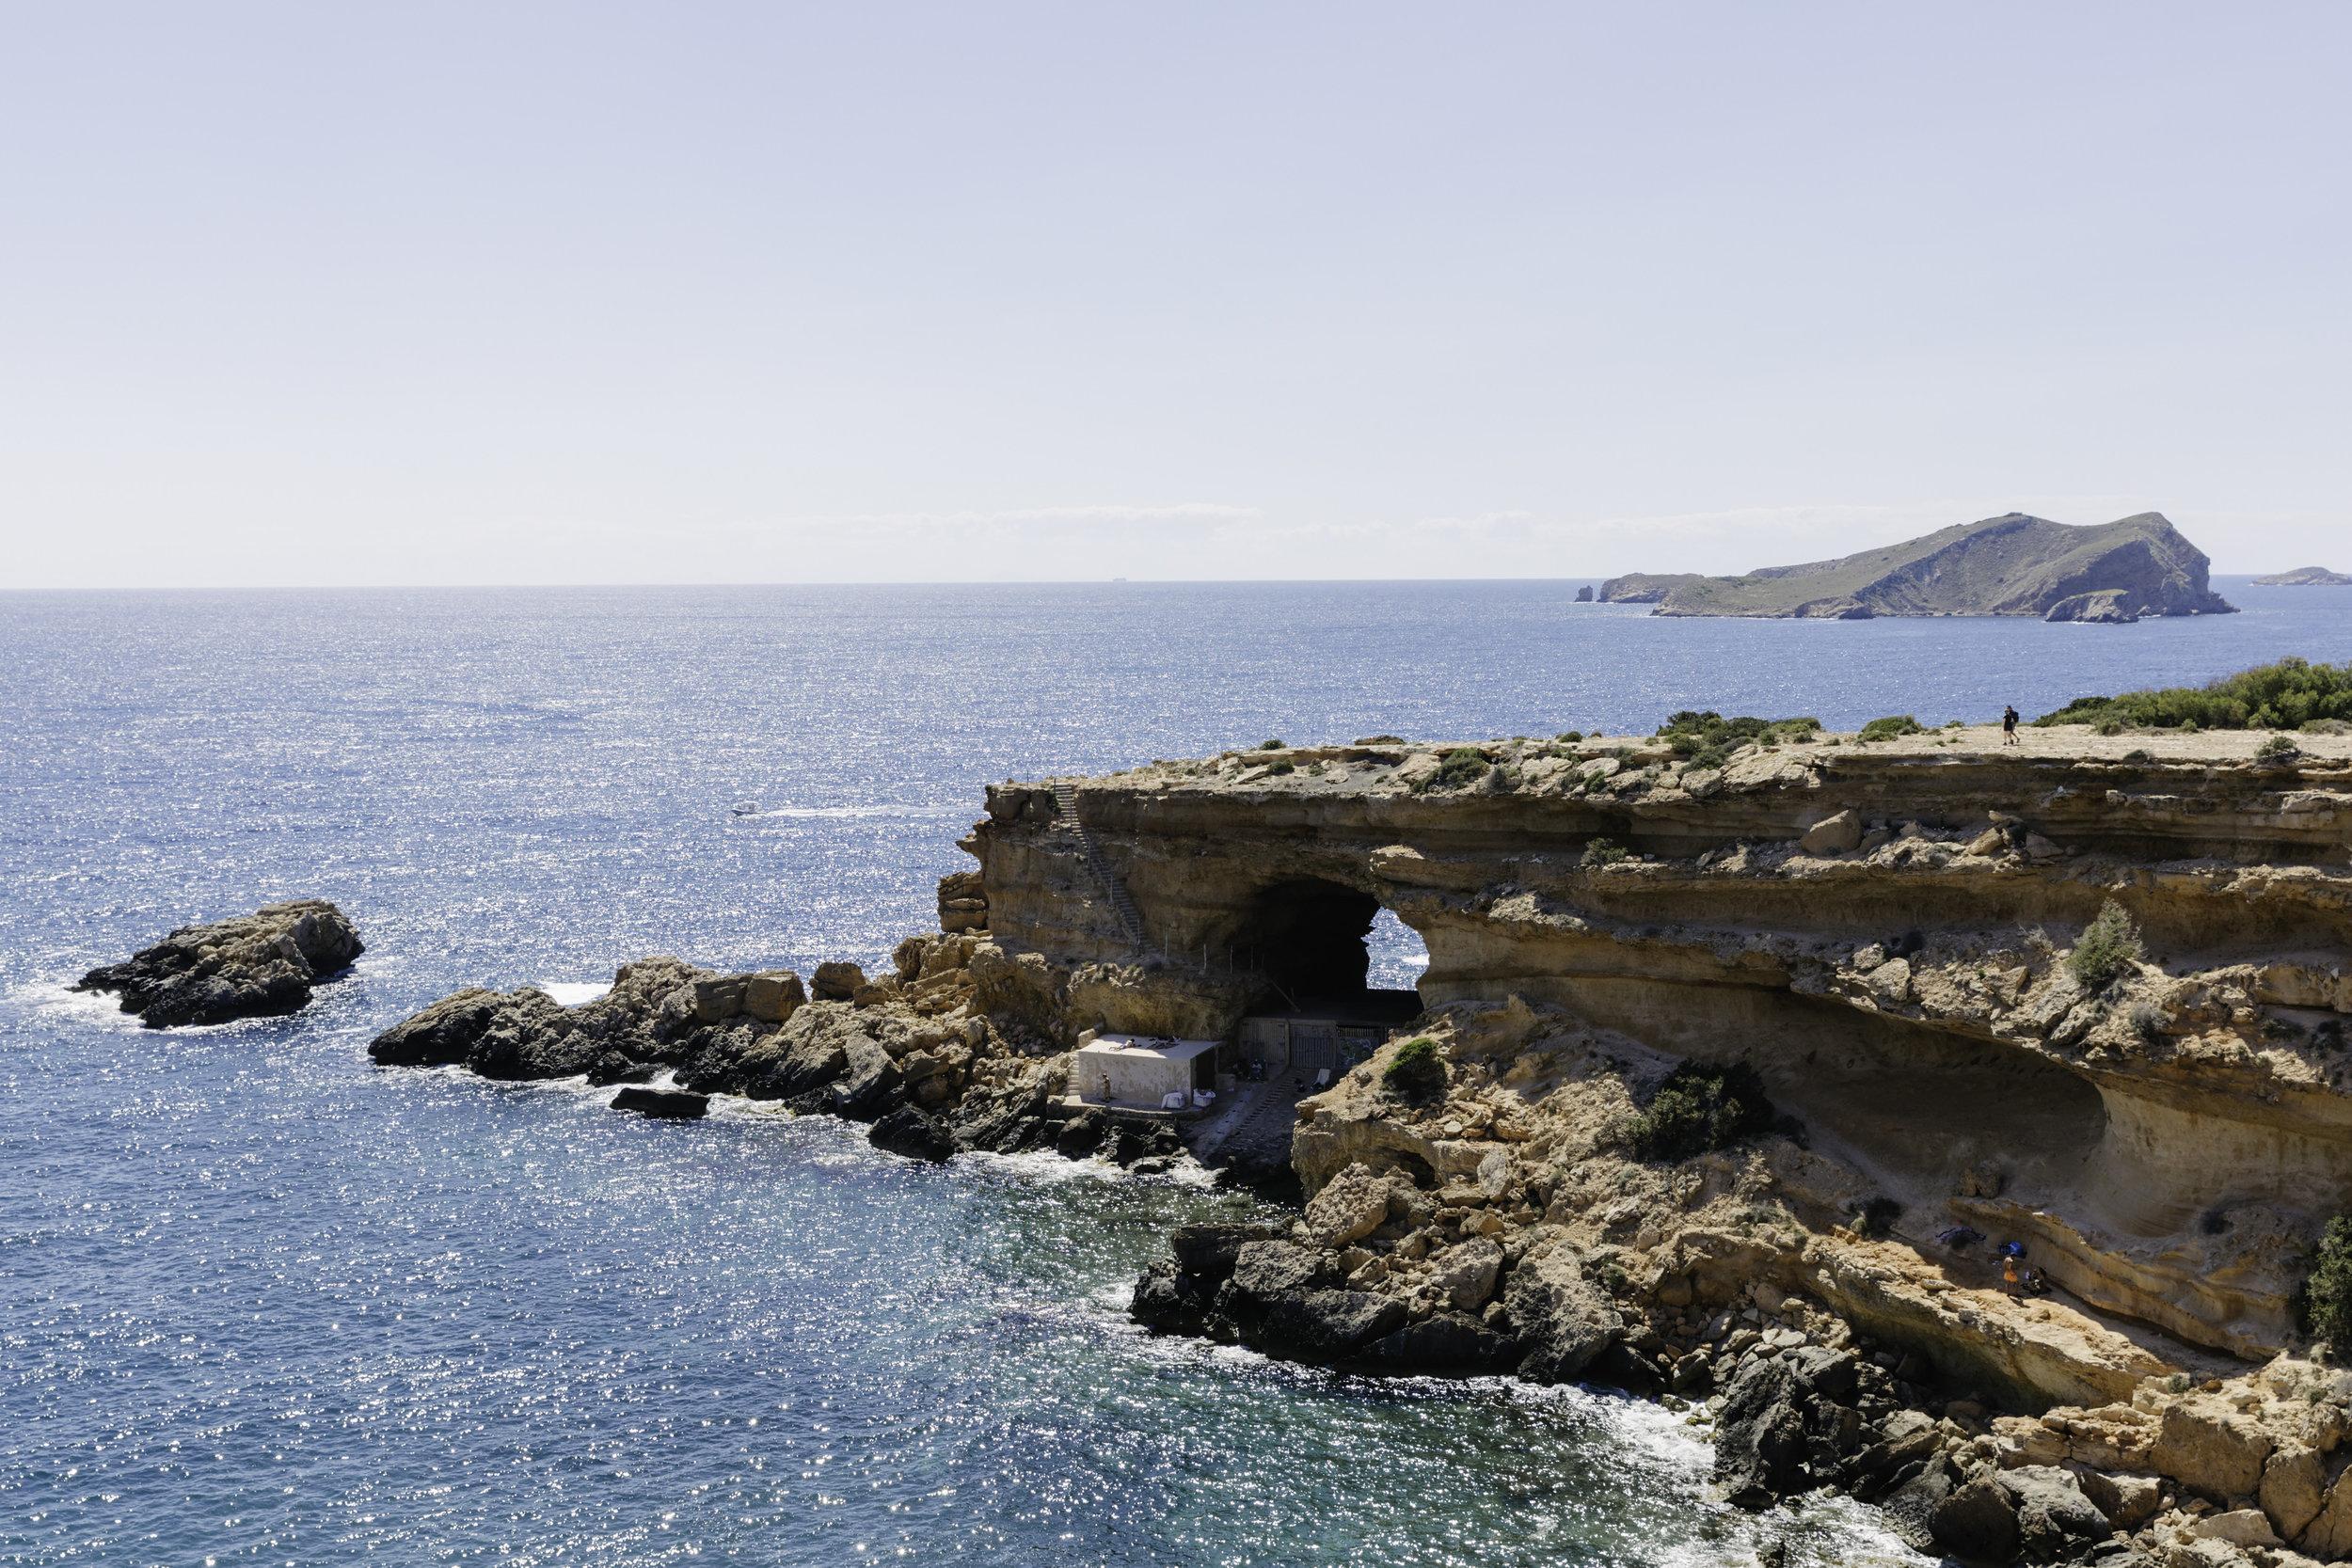 BenReadPhotography_easyJet_Ibiza-20.jpg